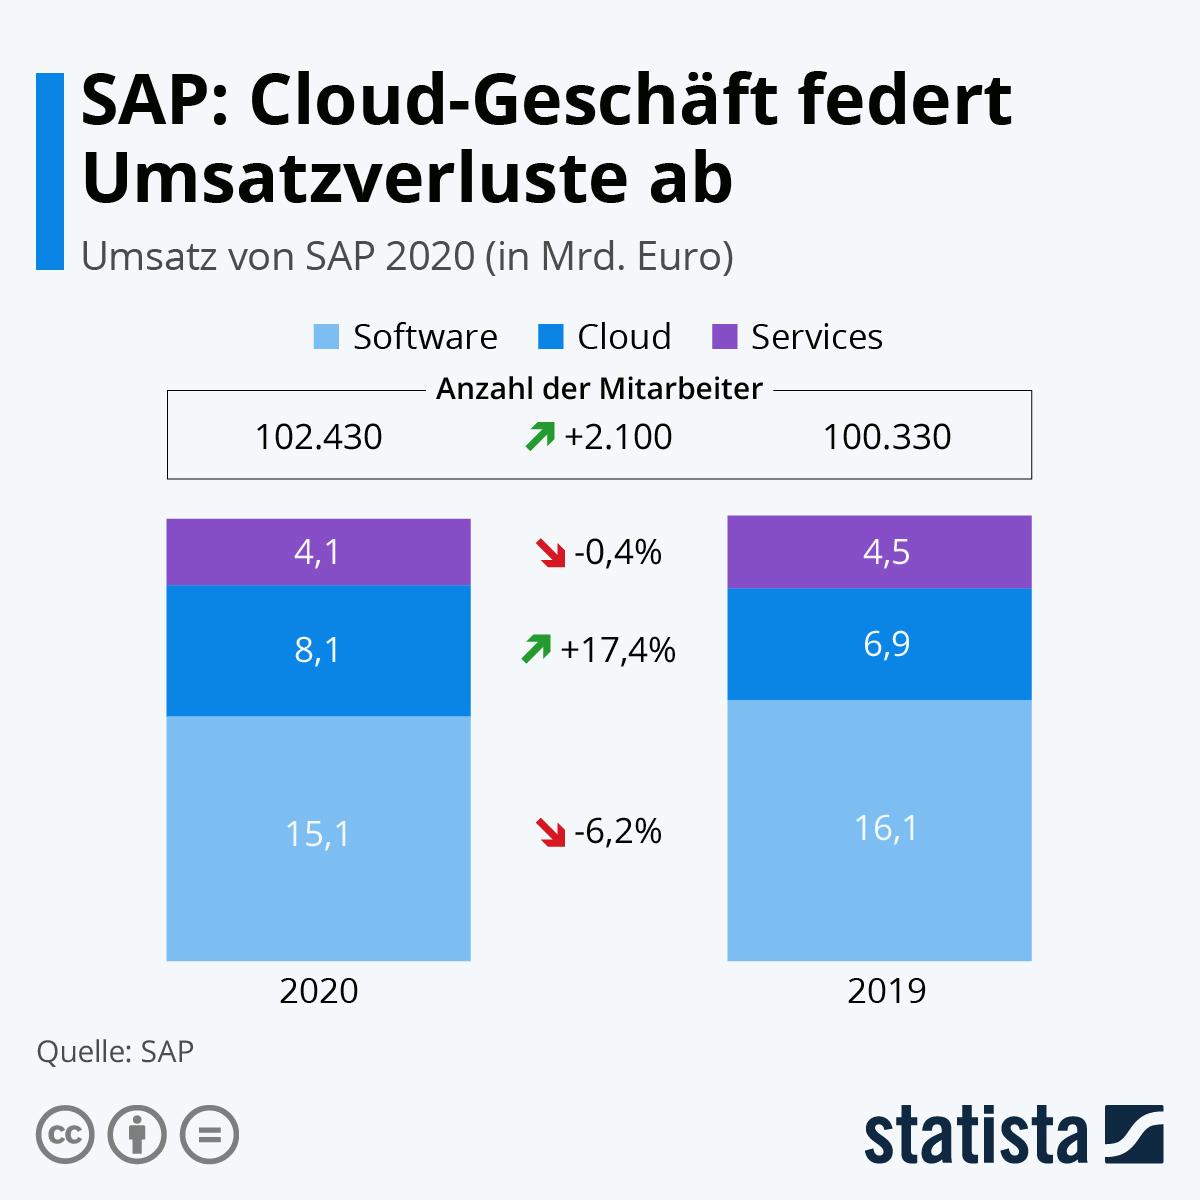 Infografik: SAP: Cloud-Geschäft federt Umsatzverluste ab | Statista